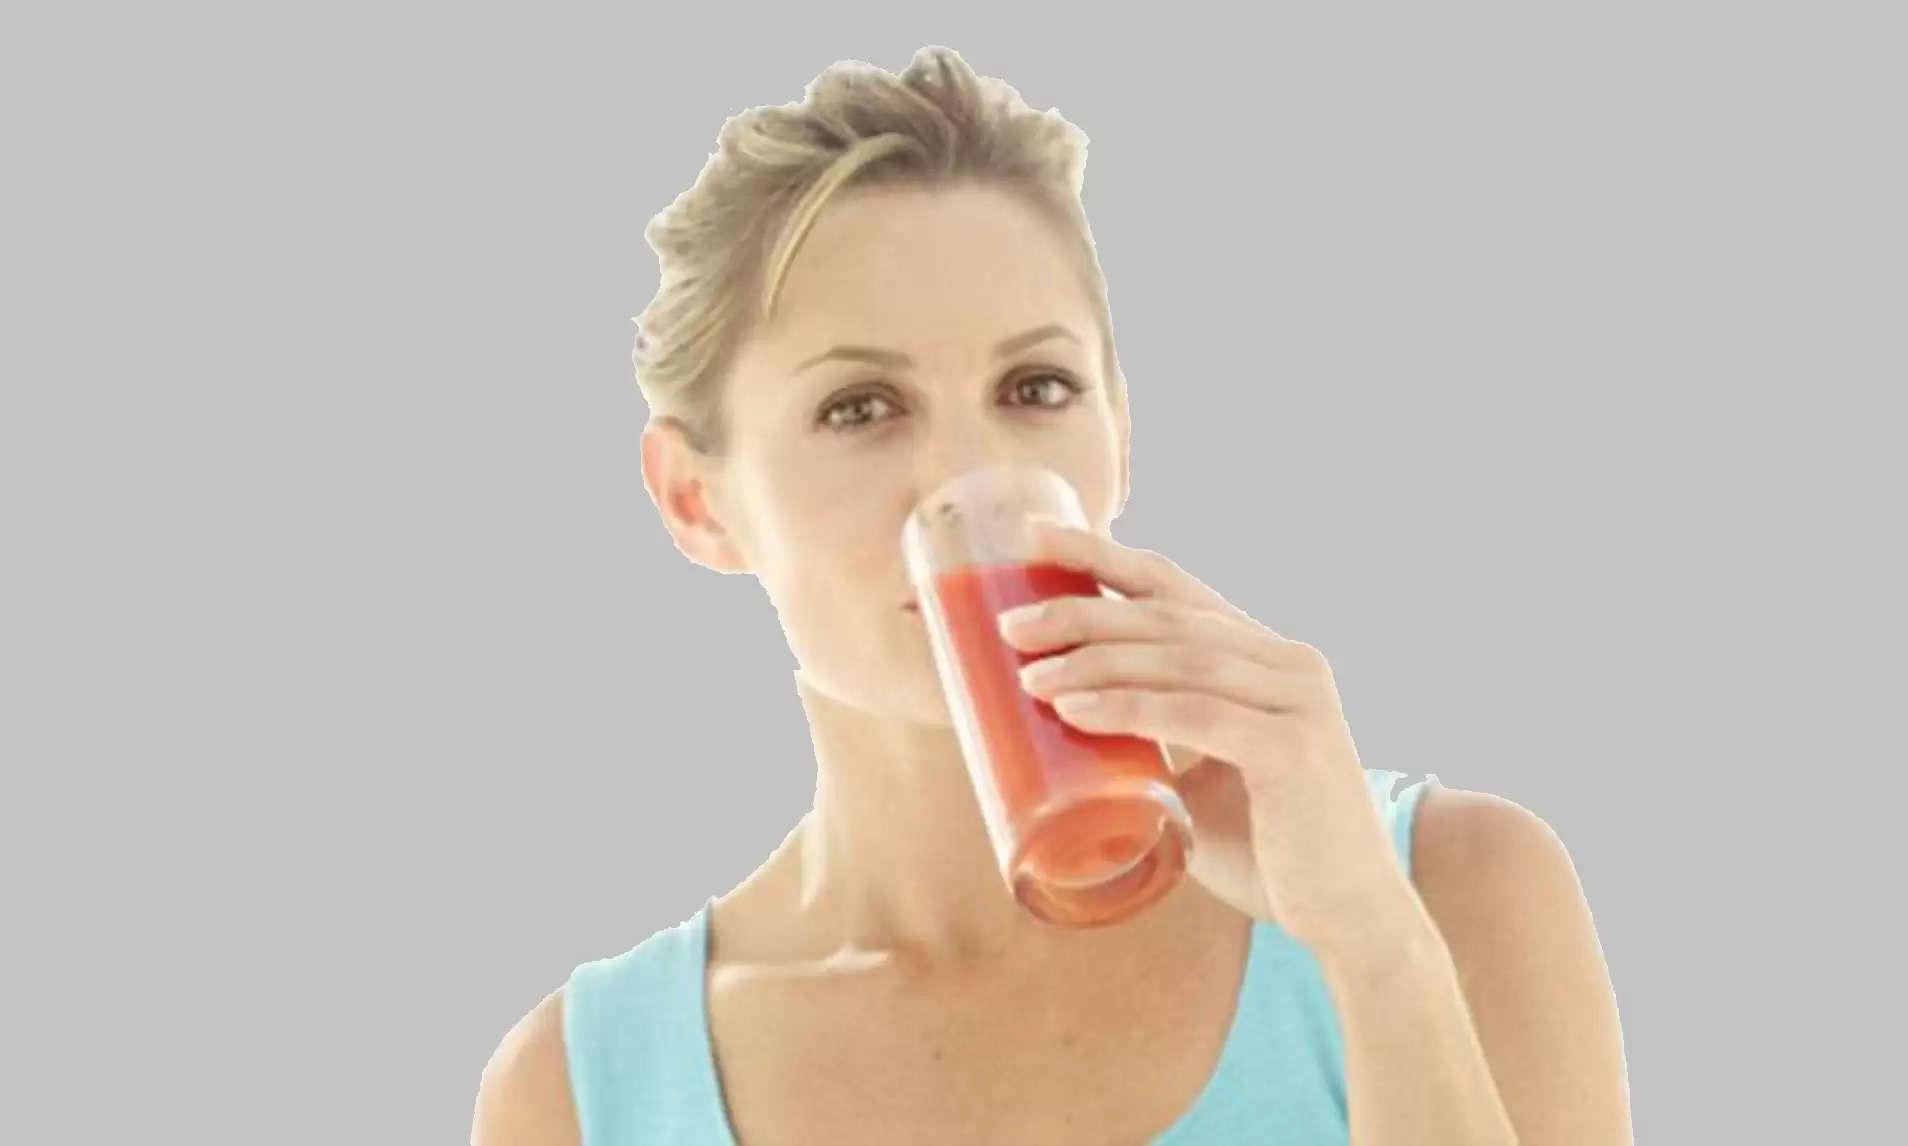 क्या आप भी है बैली फैट से परेशान, तो पियें यह ड्रिंक 15 दिनों में 5 किलो घटाएगी फैट